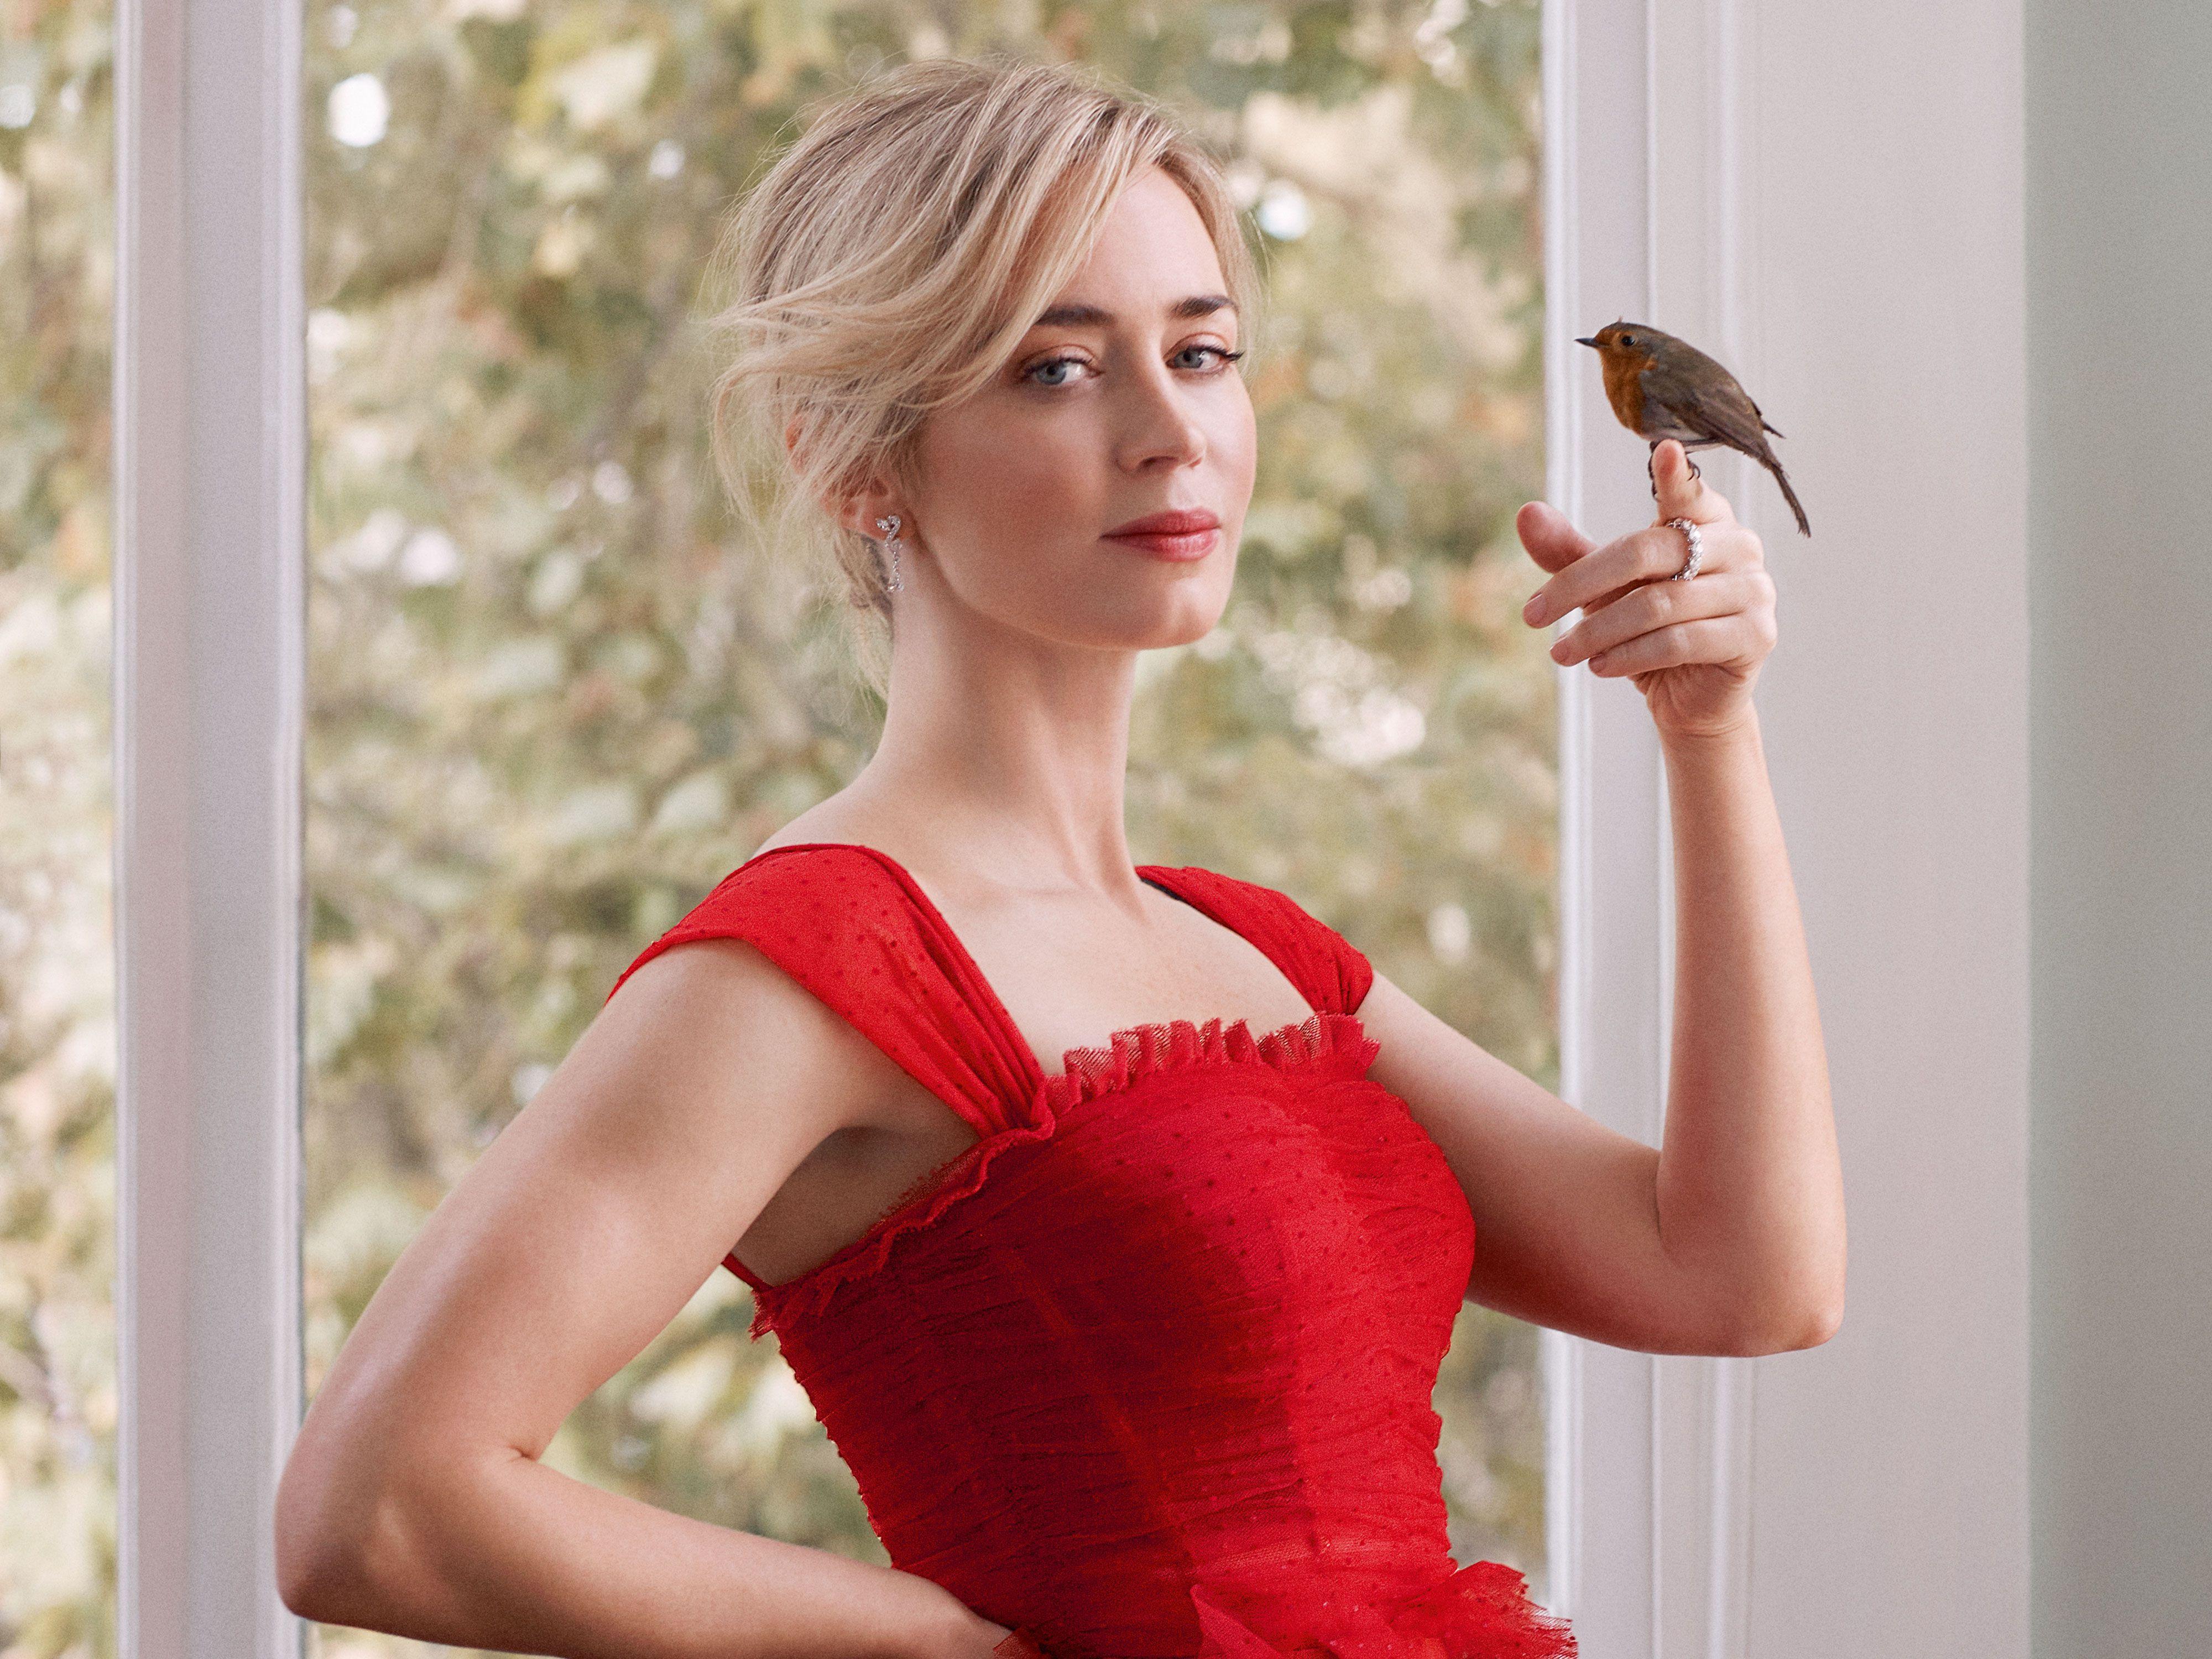 3840x2160 Emily Blunt Harper Bazaar Jan 2019 4k 4k HD 4k ...